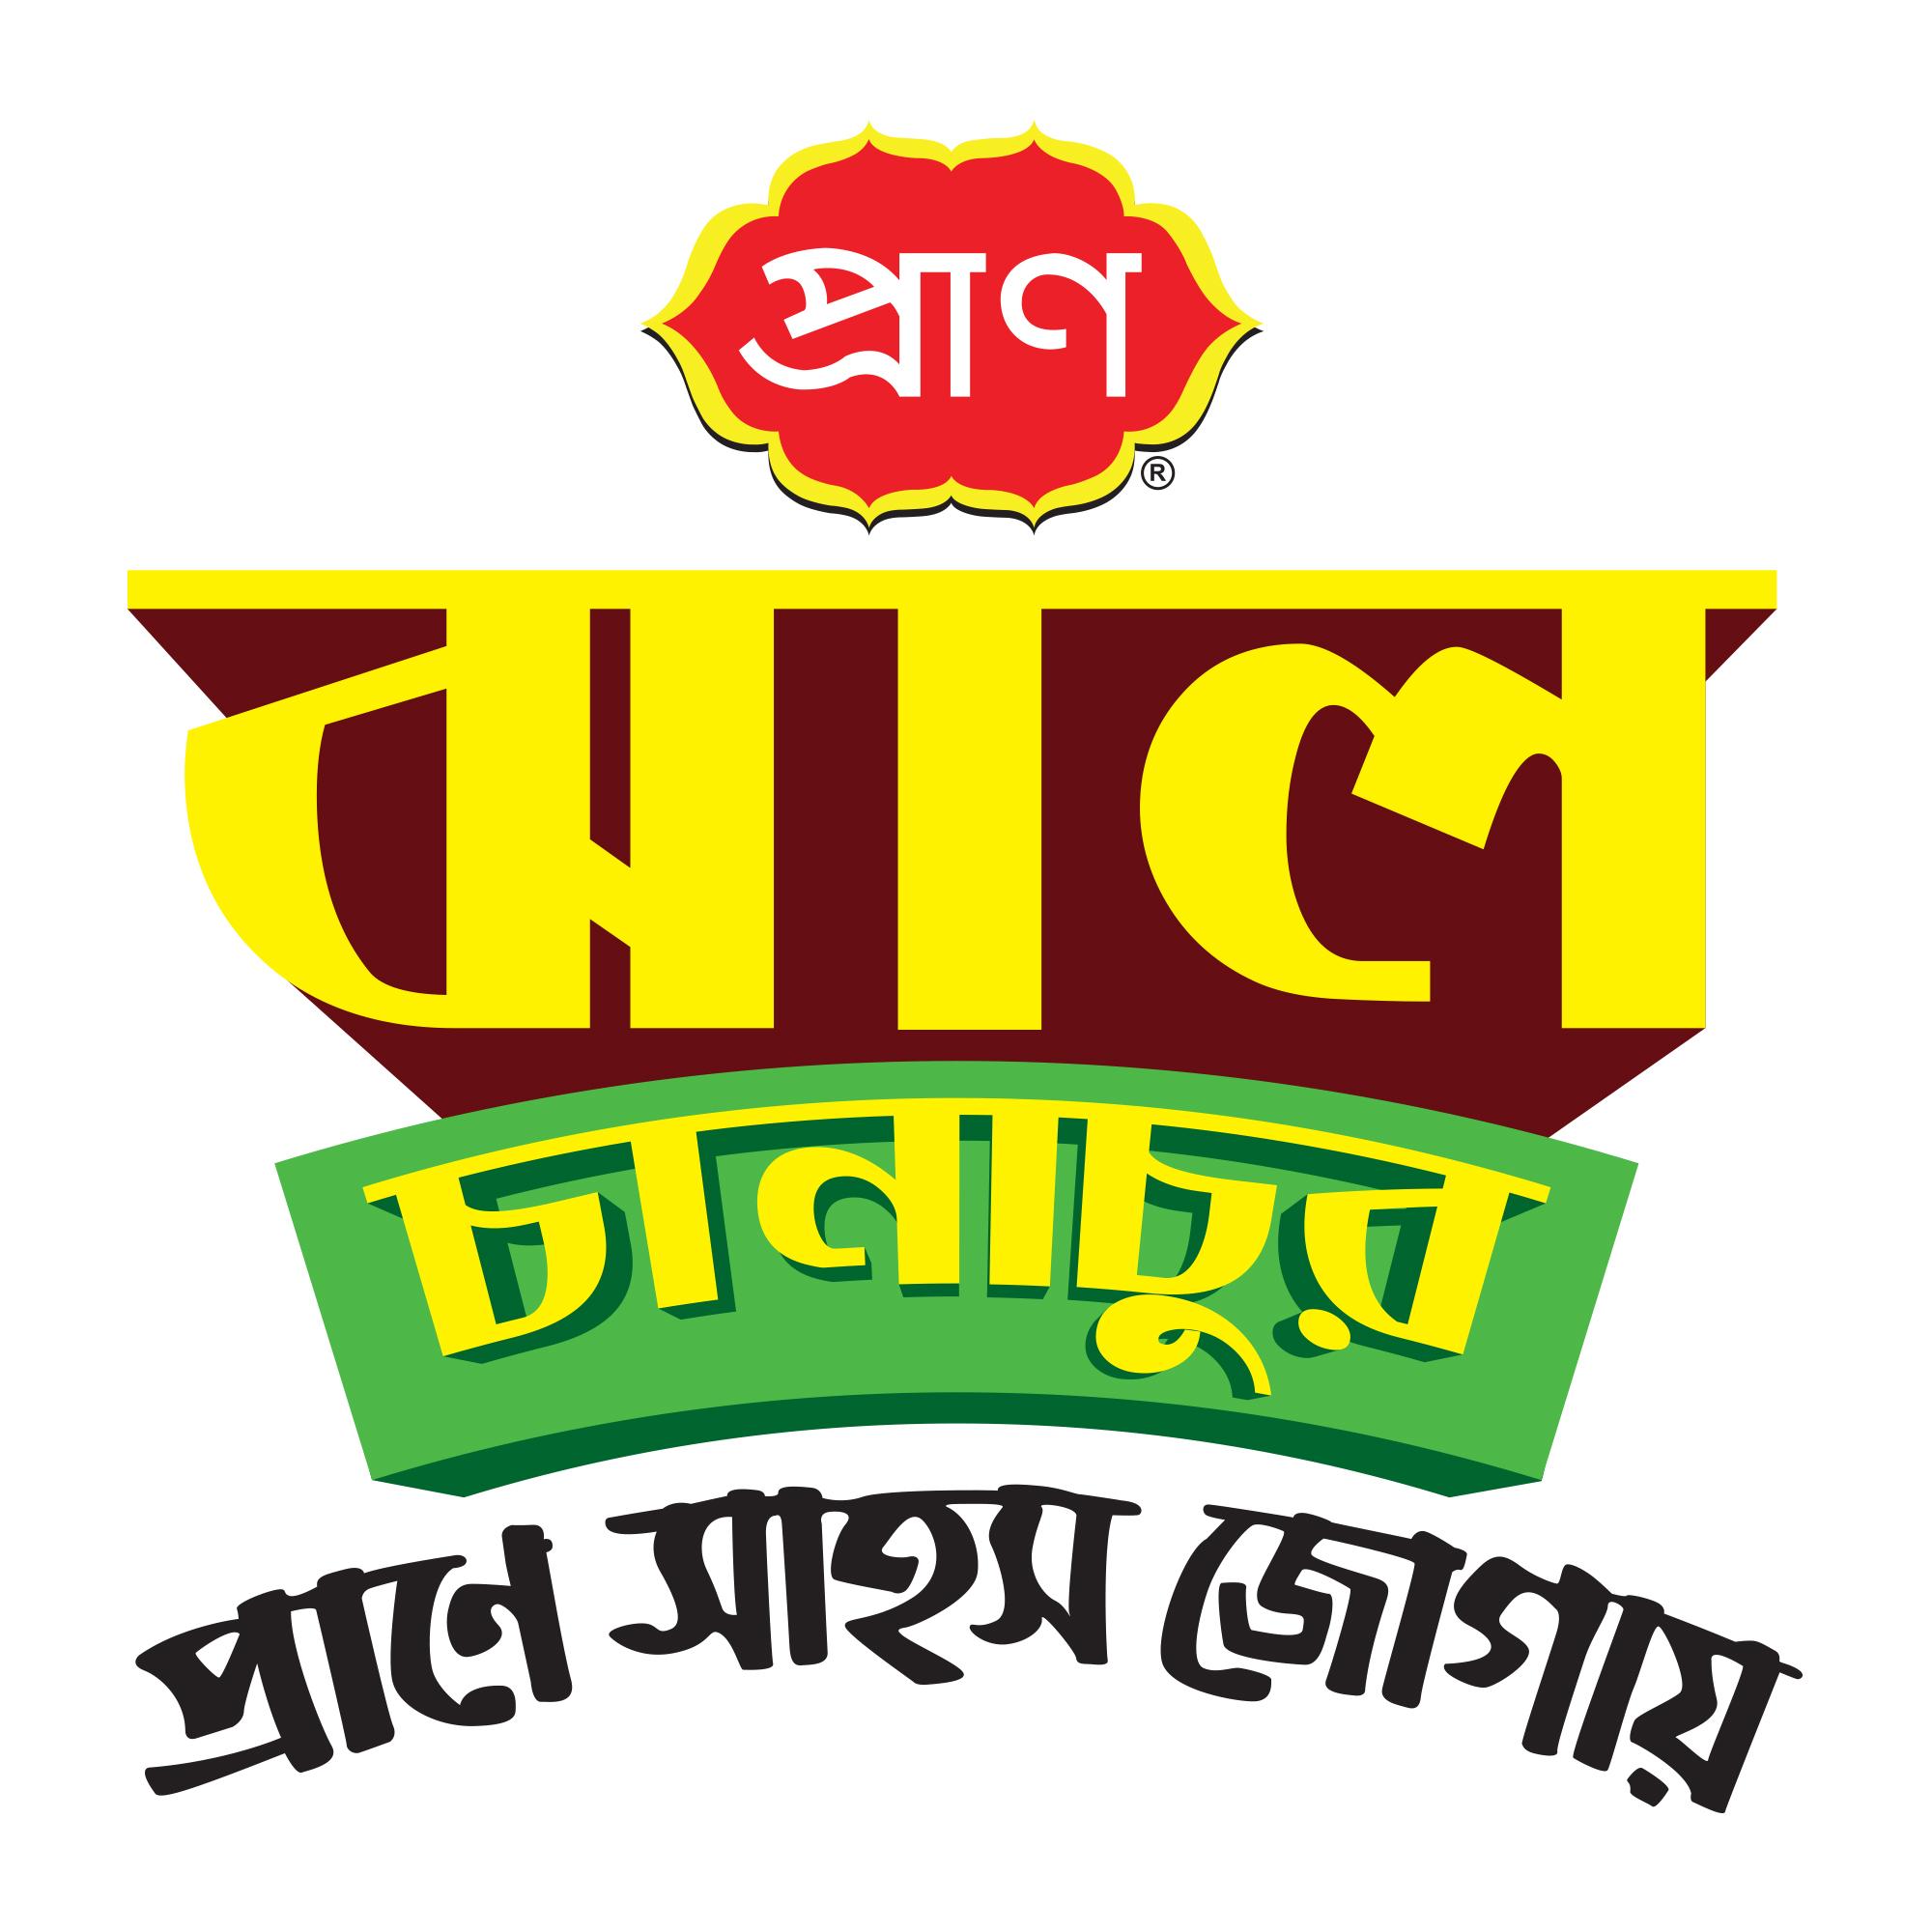 Jhal Chanachur